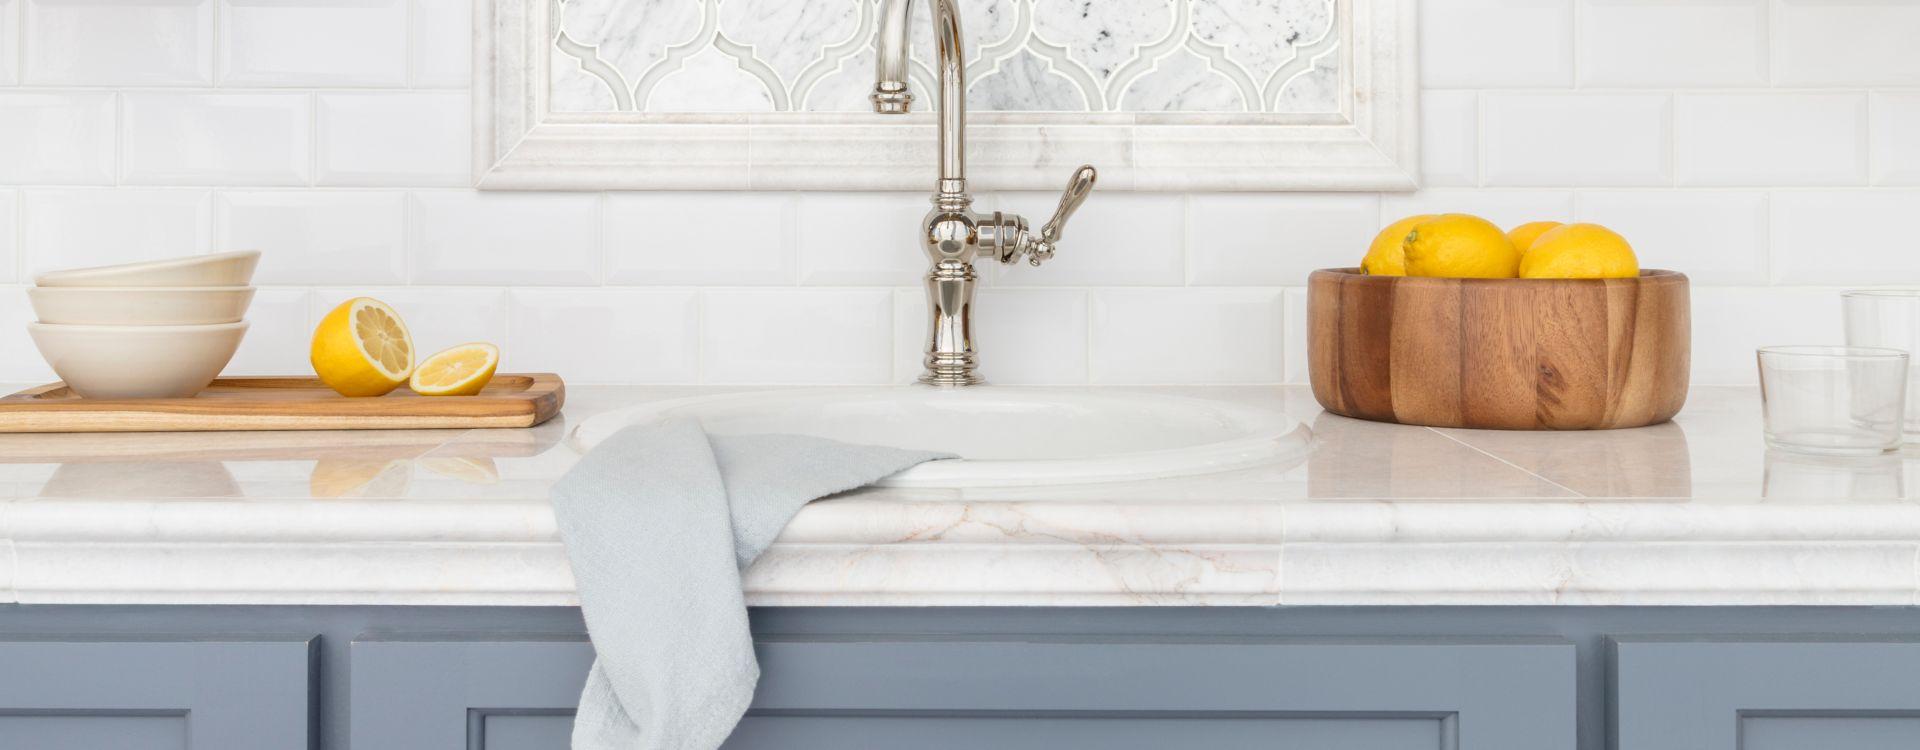 Kitchen Tile Designs Trends Ideas For 2019 The Tile Shop